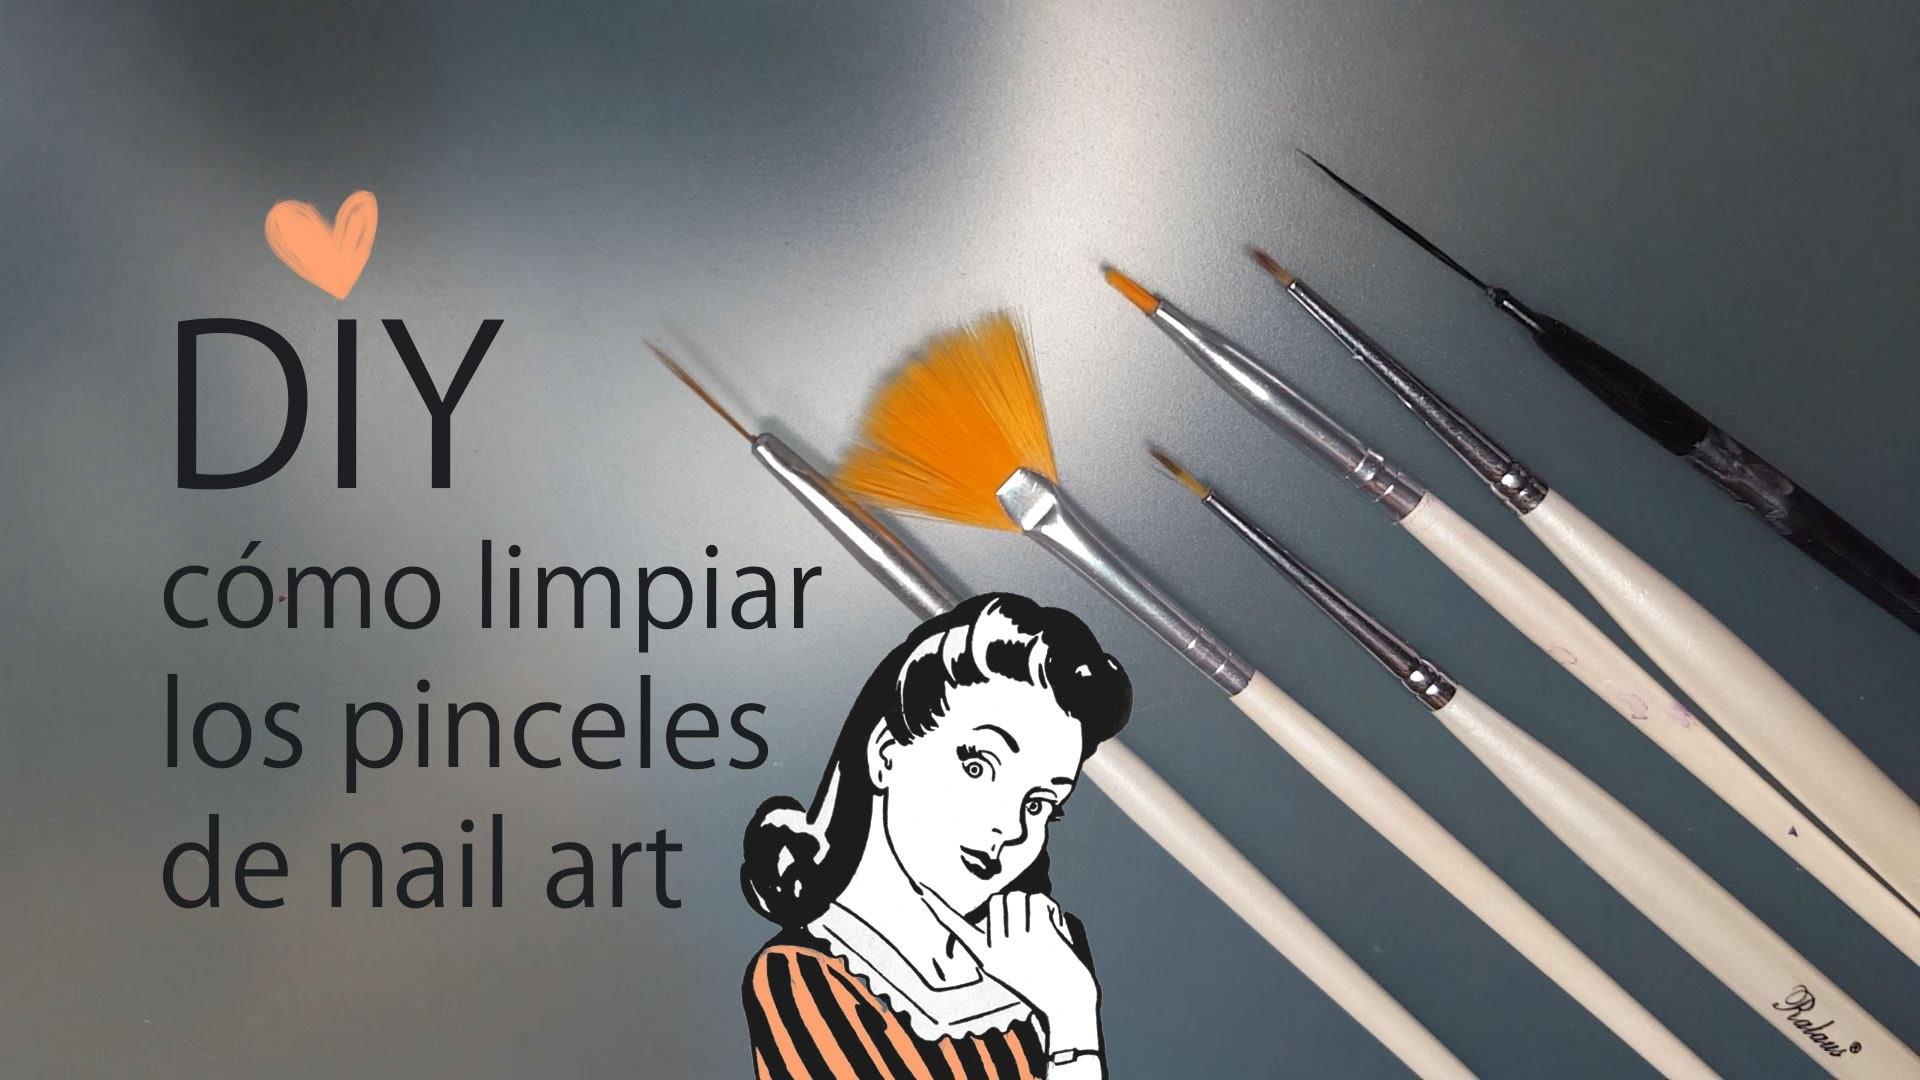 DIY Cómo limpiar los pinceles nail art